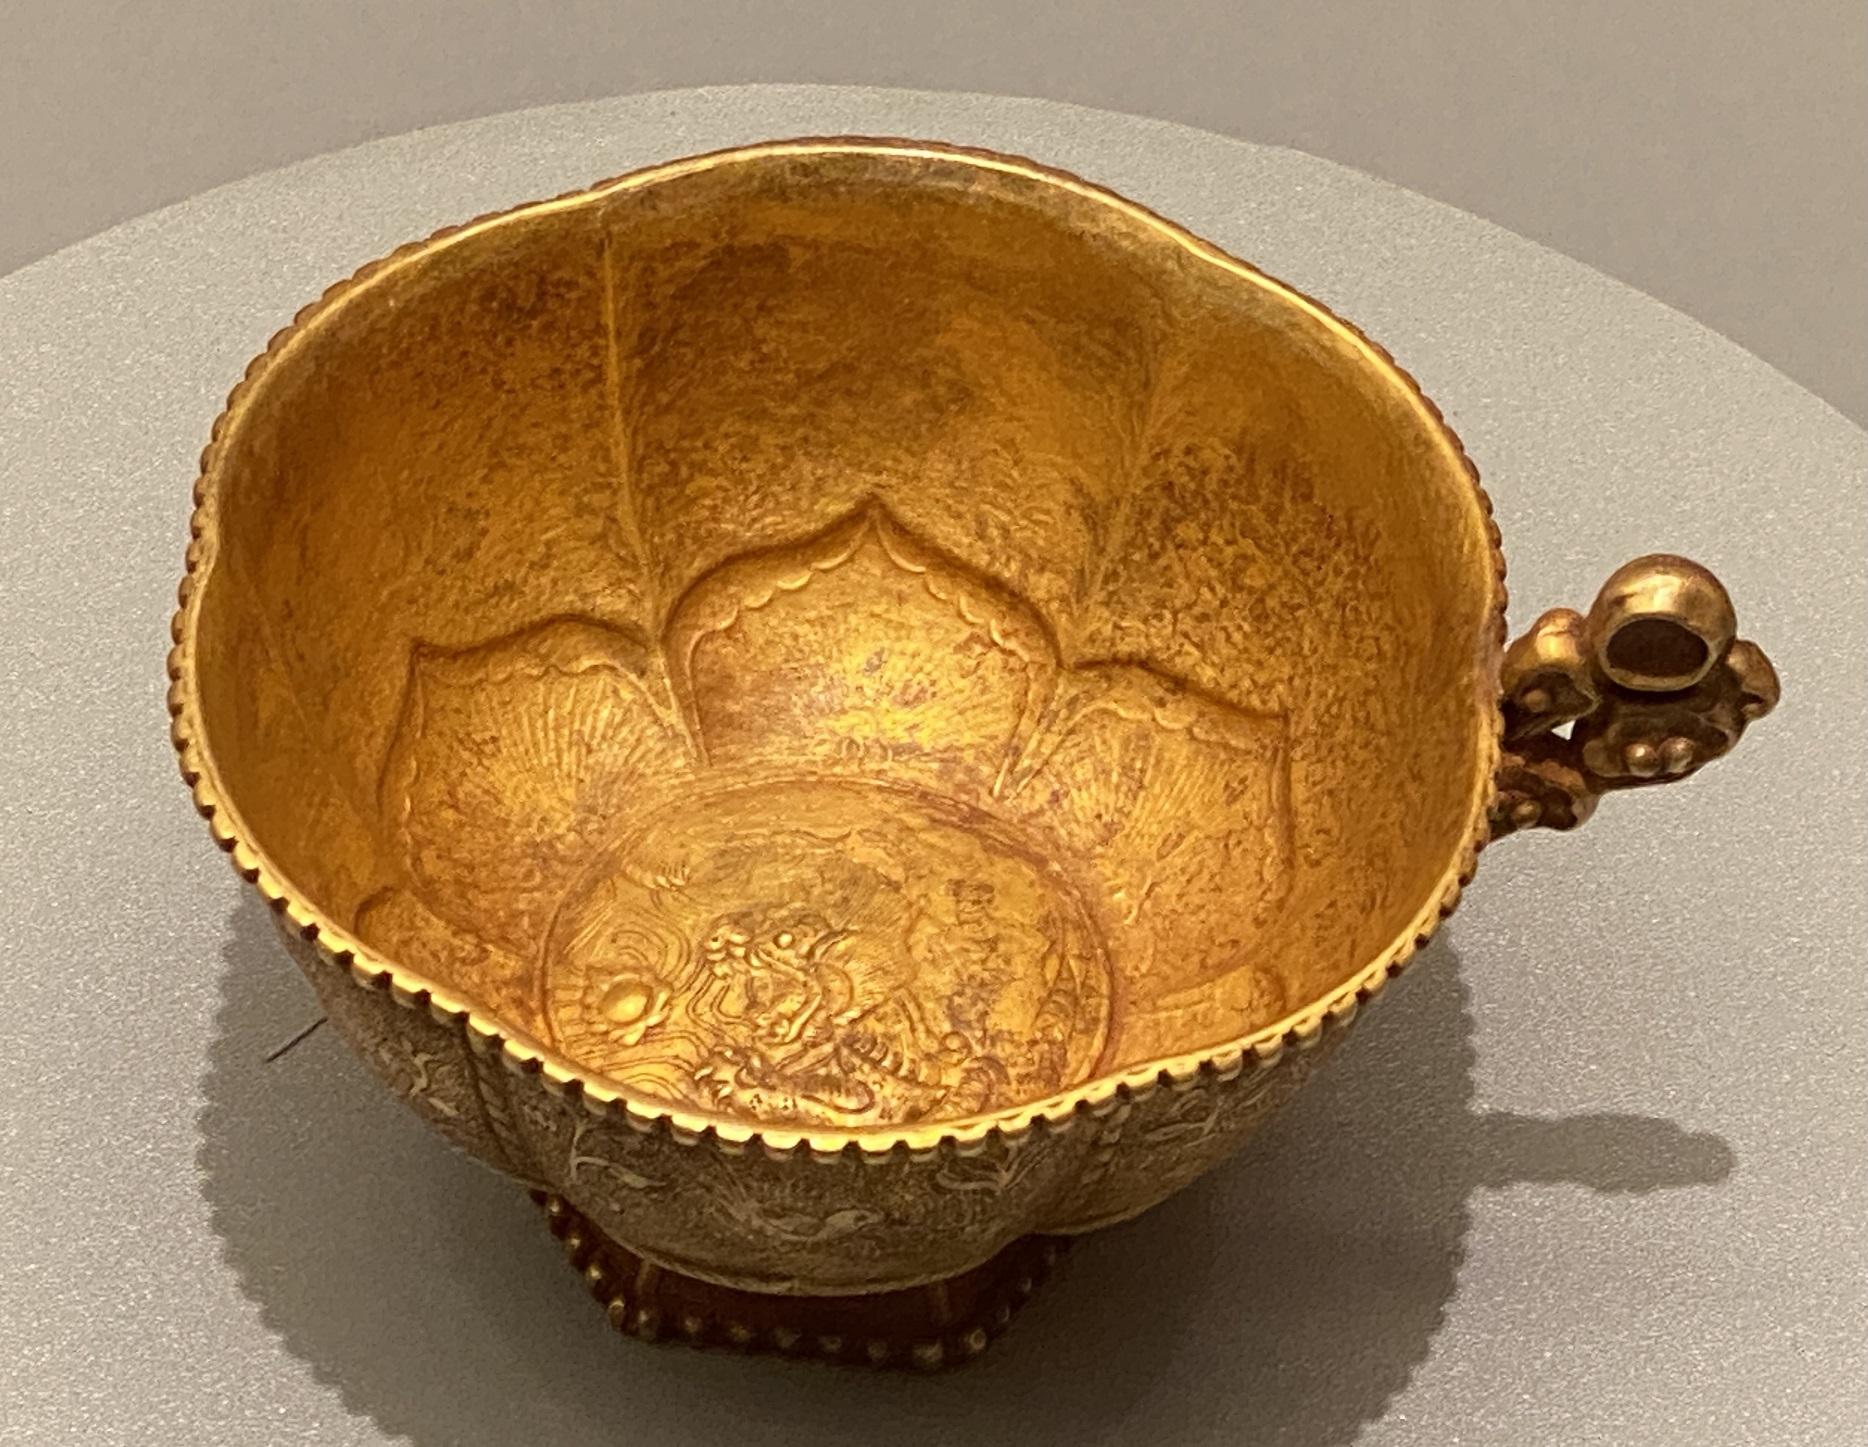 蓮瓣形片把金杯-遼時代-特別展【食味人間】四川博物院・中国国家博物館